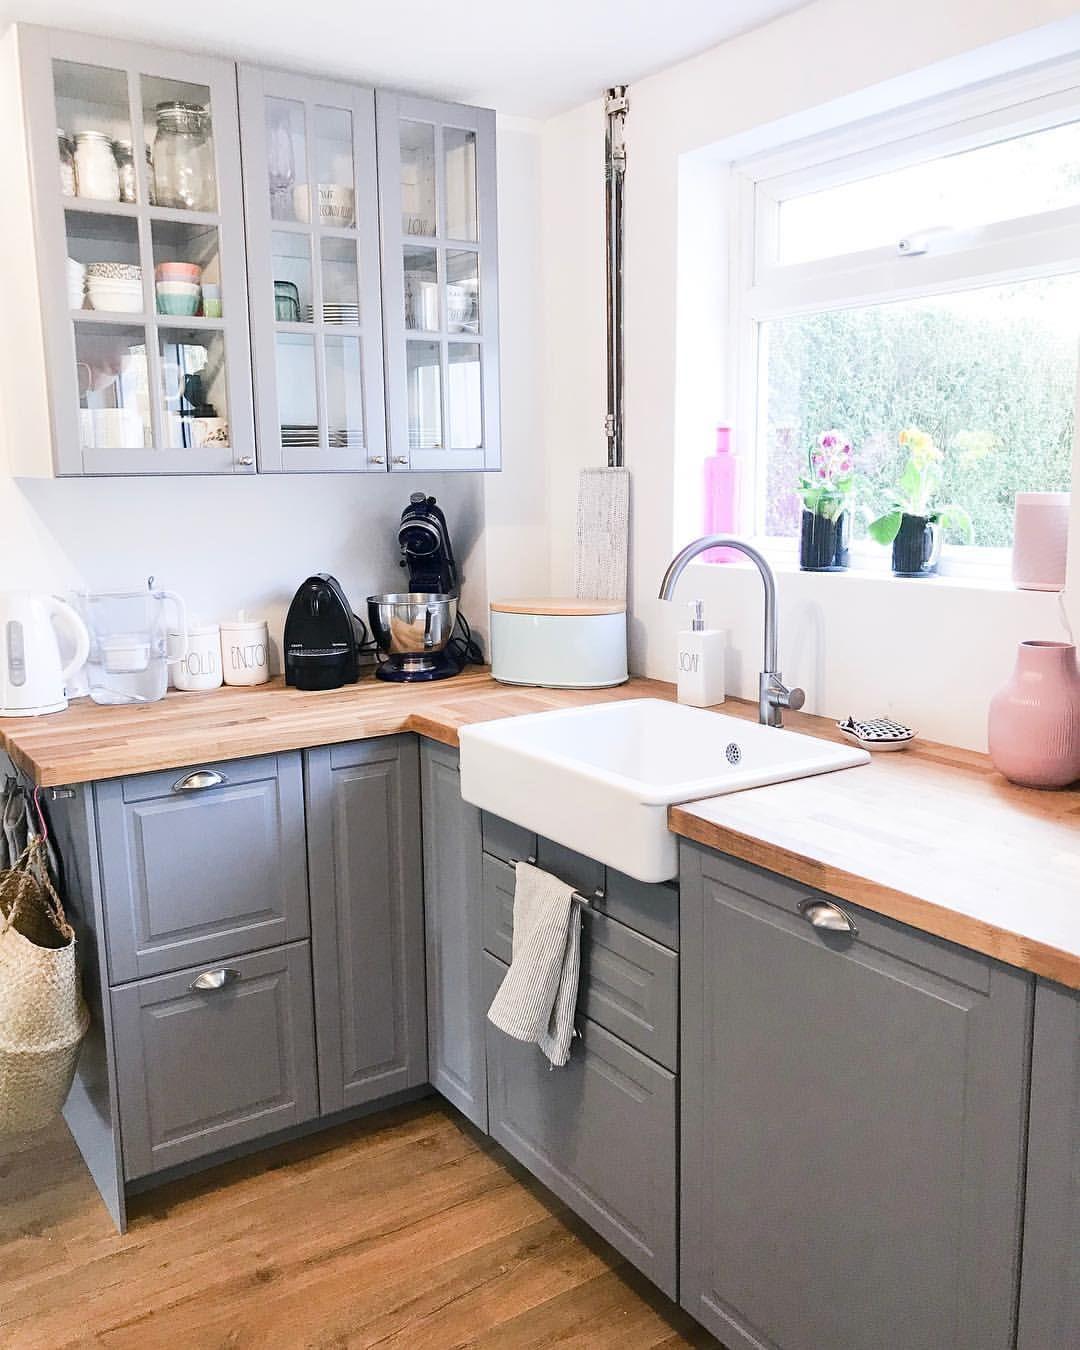 Full Size of Ikea Küche Gebraucht Bauen Einbauküche Nobilia Kosten Küchen Regal Mintgrün Landhausküche Weiß Tapeten Für Mit Elektrogeräten Günstig Teppich Wohnzimmer Ikea Küche Gebraucht